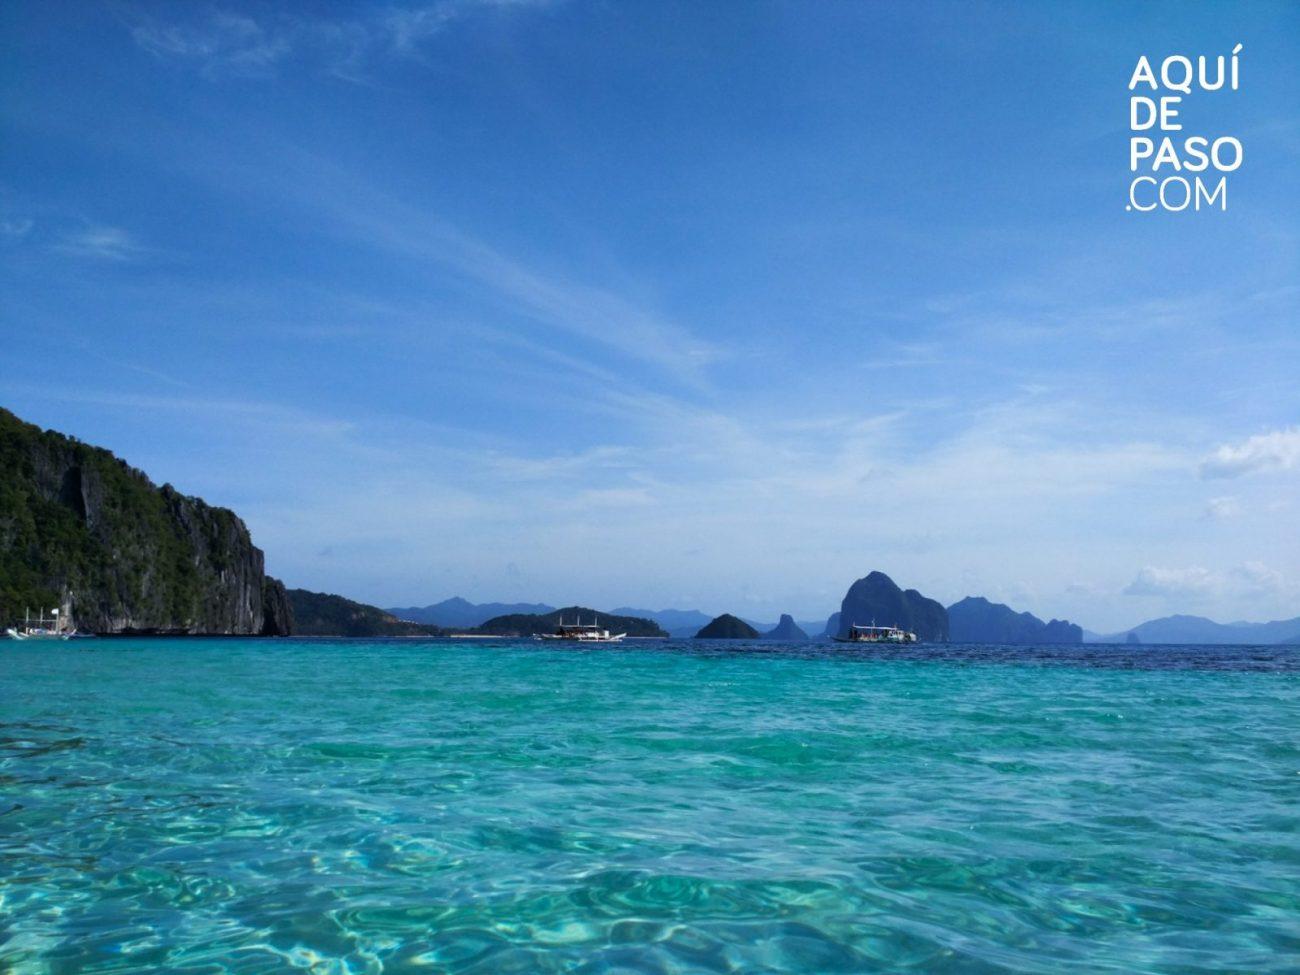 Playas de asia - 7 comandos beach